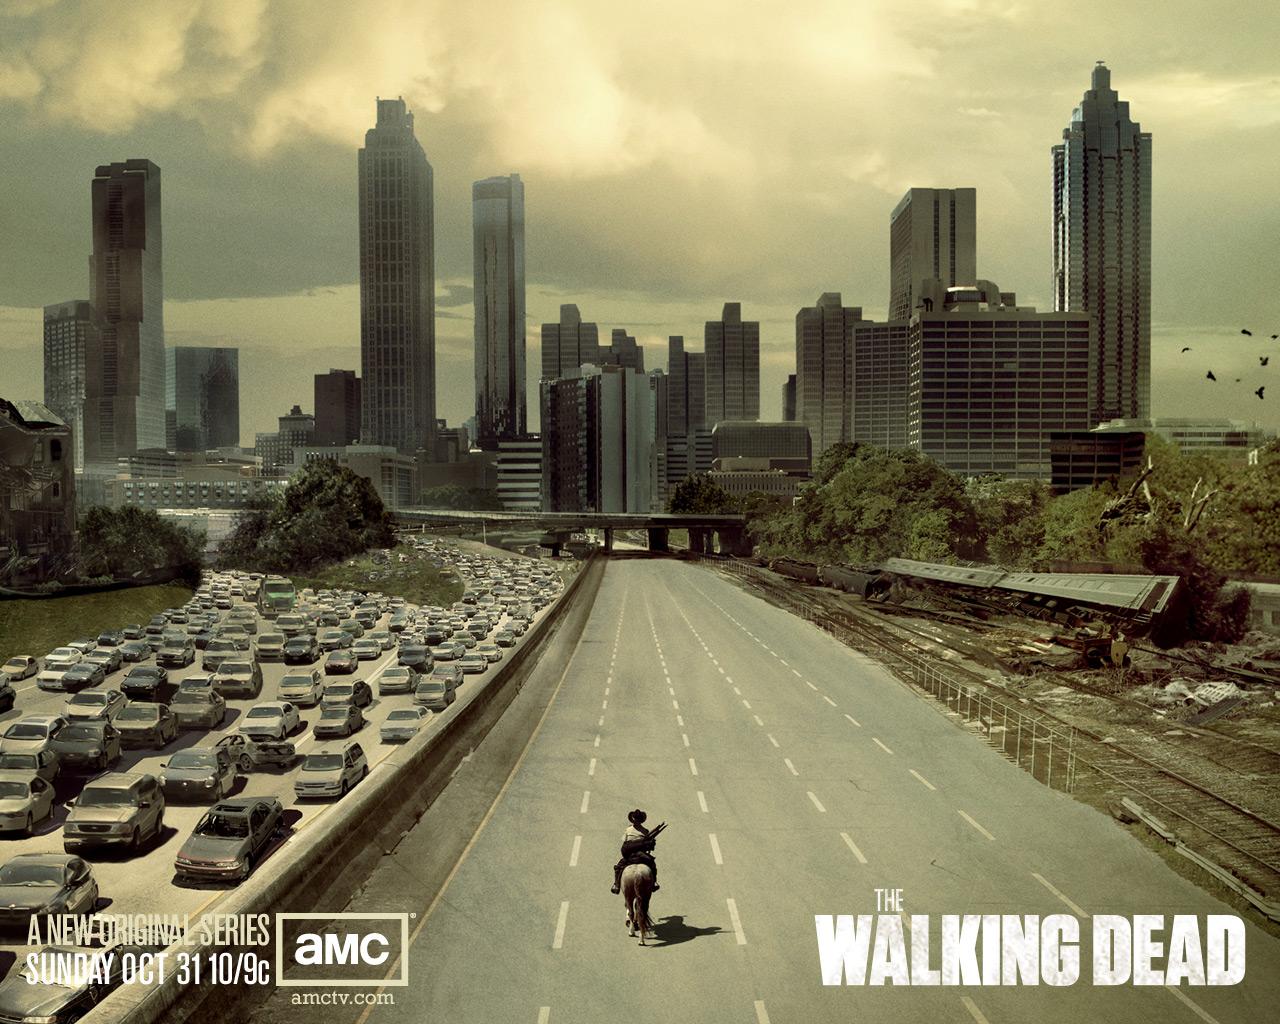 tv showThe Walking Deadthe walking dead wallpaper 1280x1024 1jpg 1280x1024